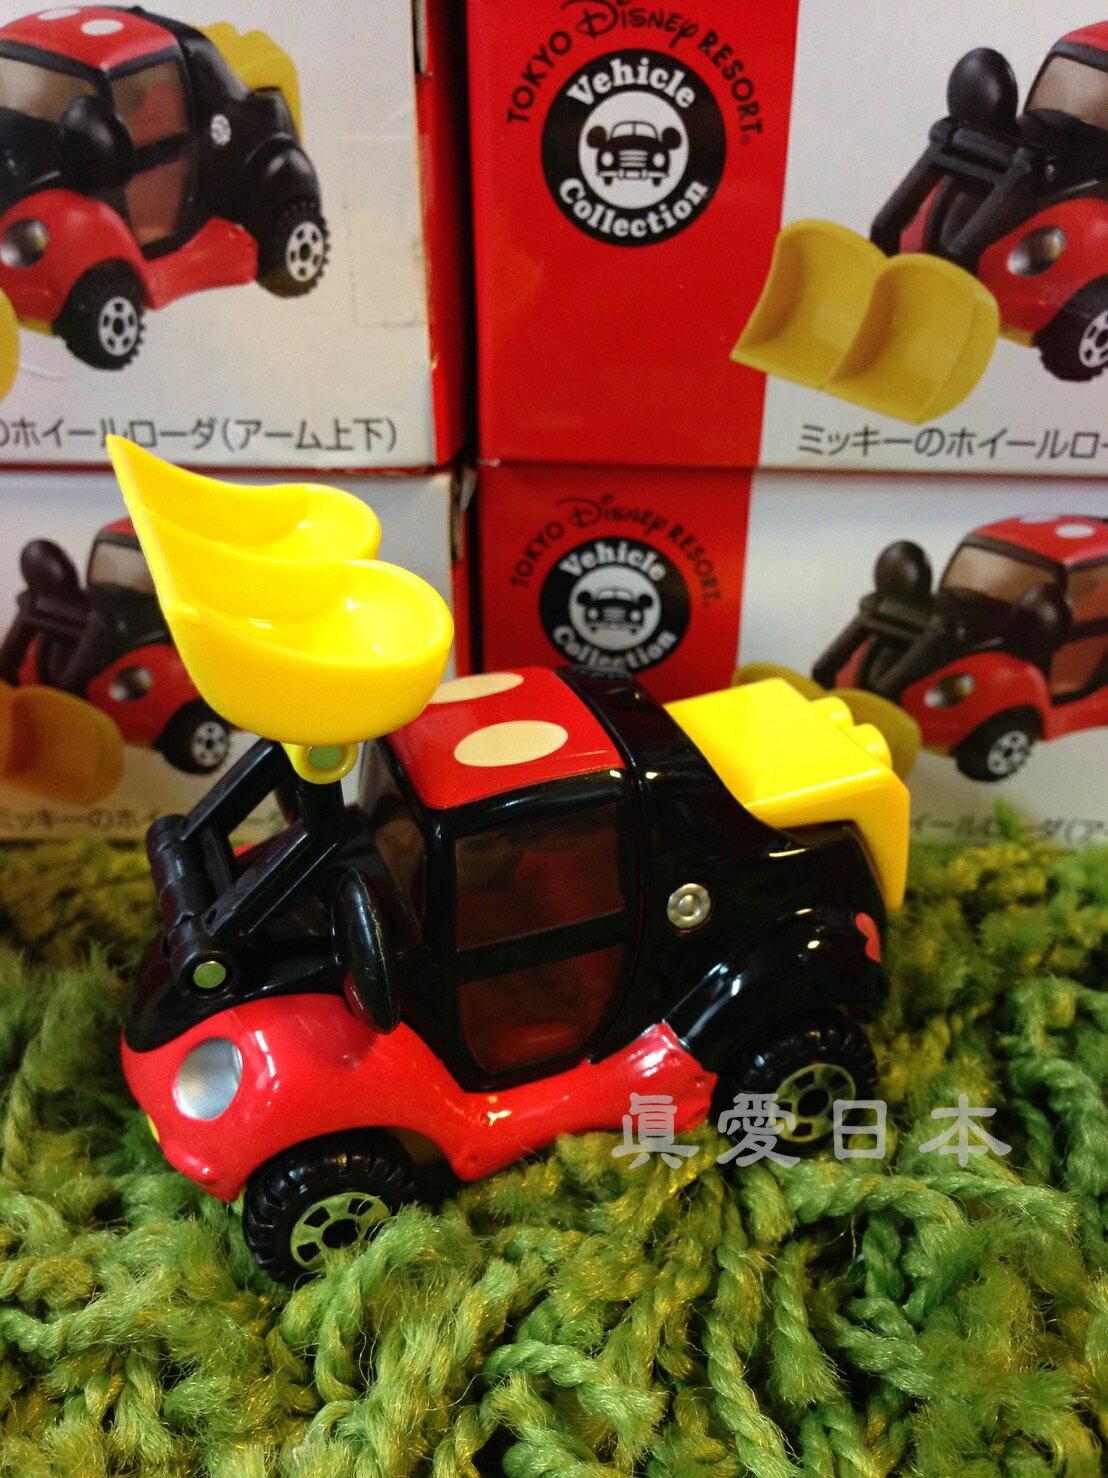 16041600016限定樂園小車-米奇推土機 17111300009 海洋迪士尼 迪士尼樂園 日本帶回